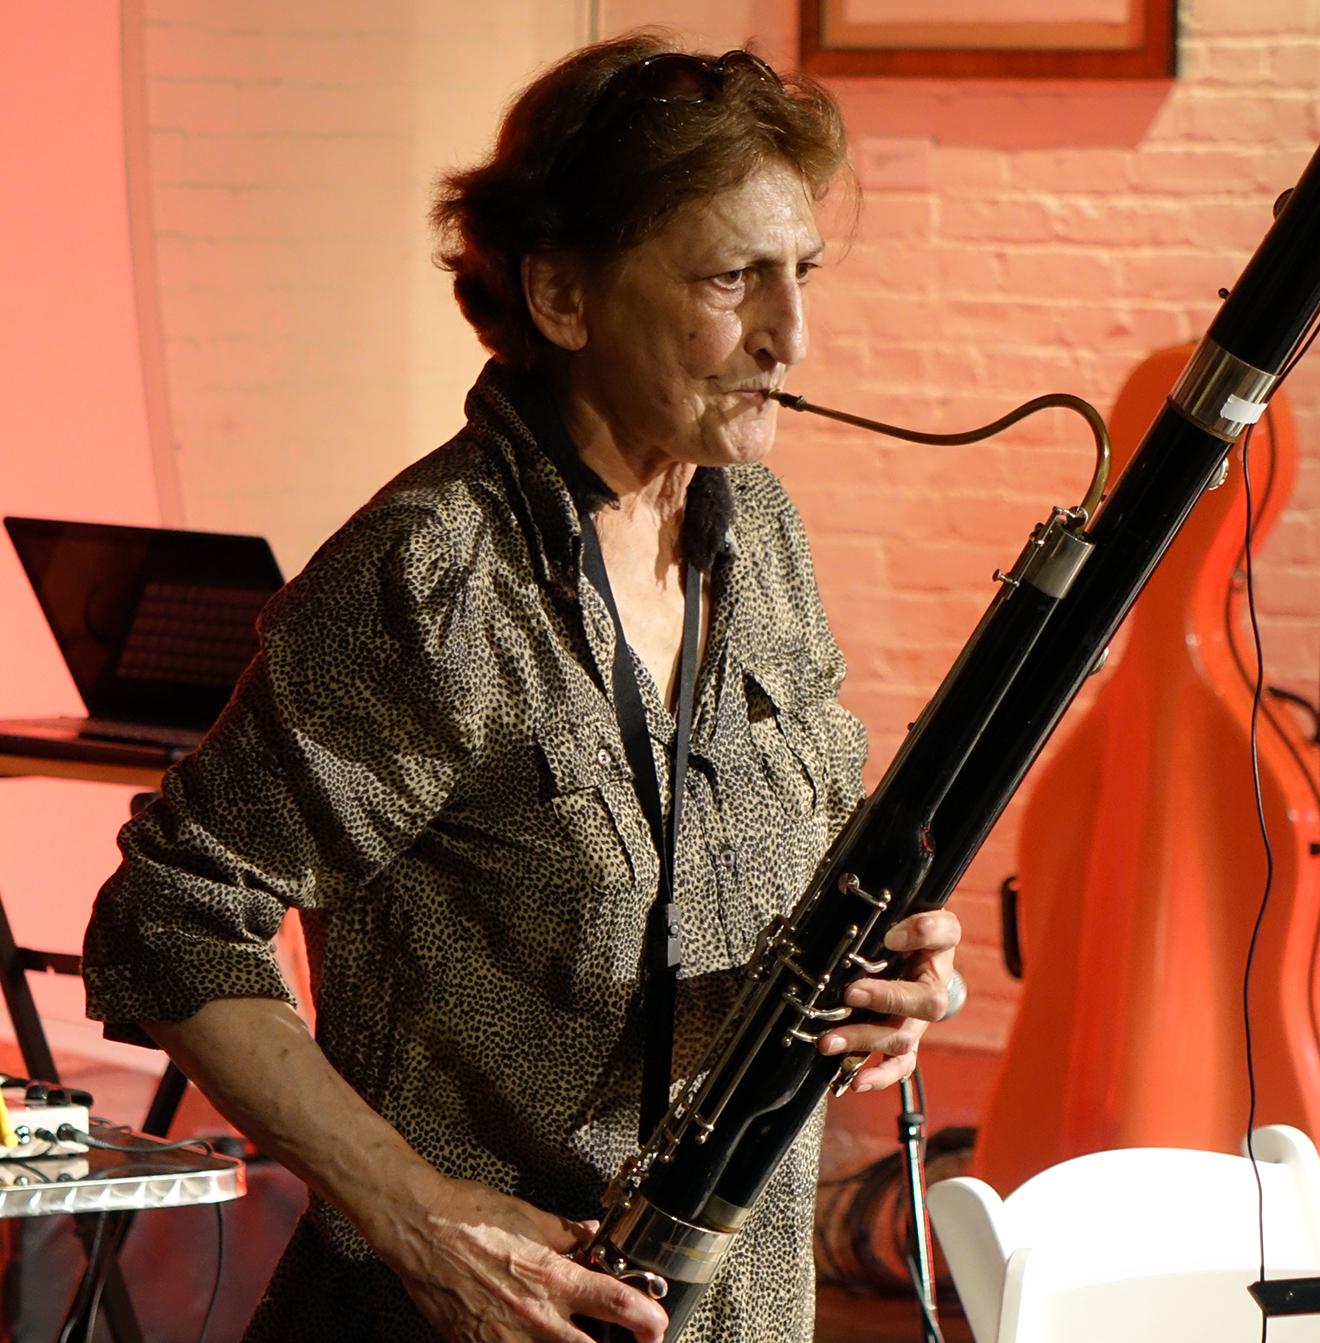 Karen Borca